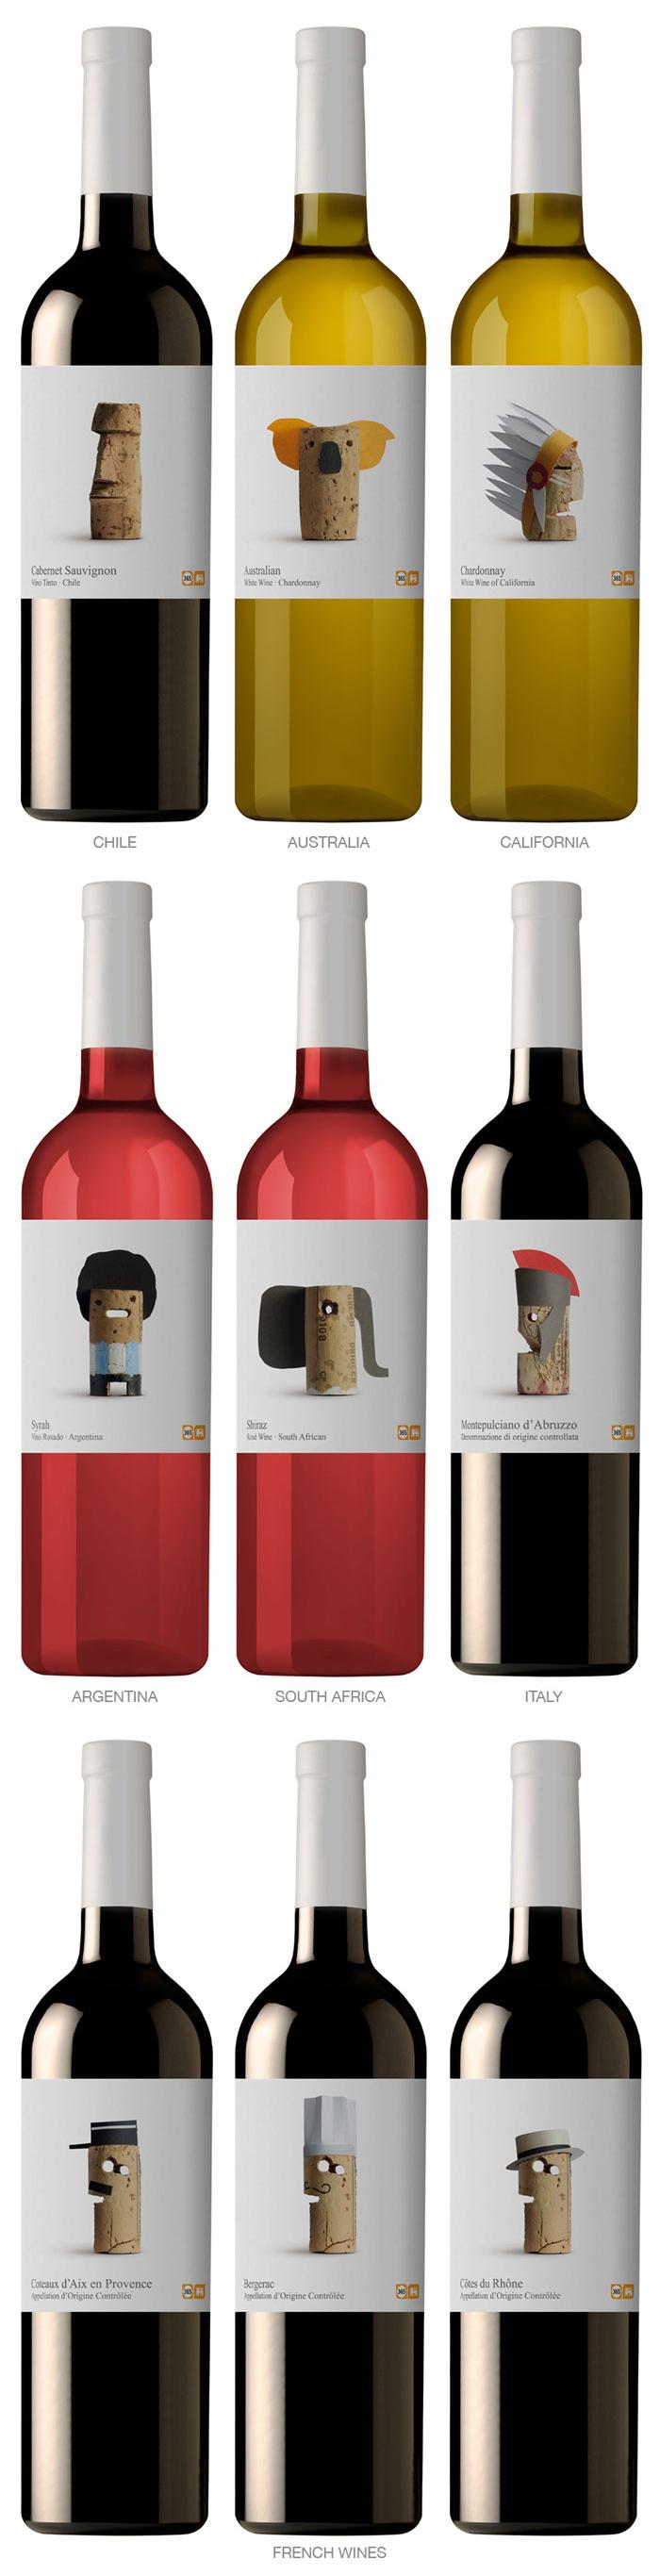 Wines Of The World Etiquette Bouteille De Vin Bouteille De Vin Etiquette De Vin